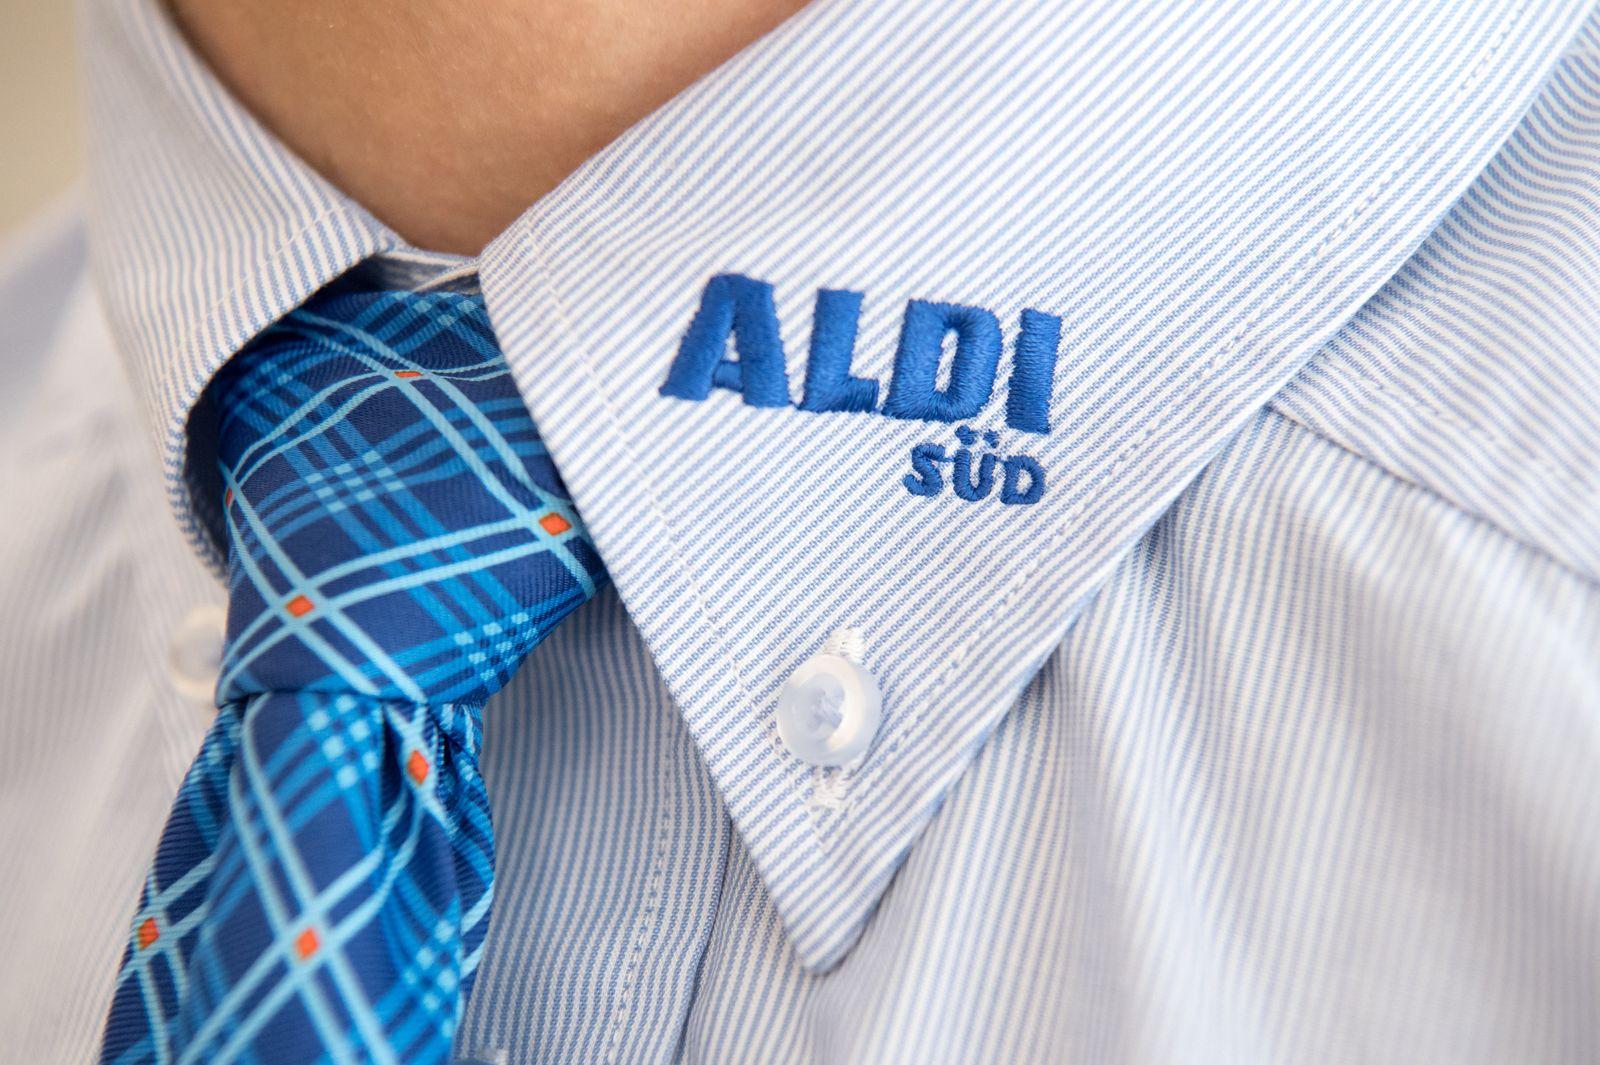 """Aldi Süd stellt """"Filiale der Zukunft"""" vor"""